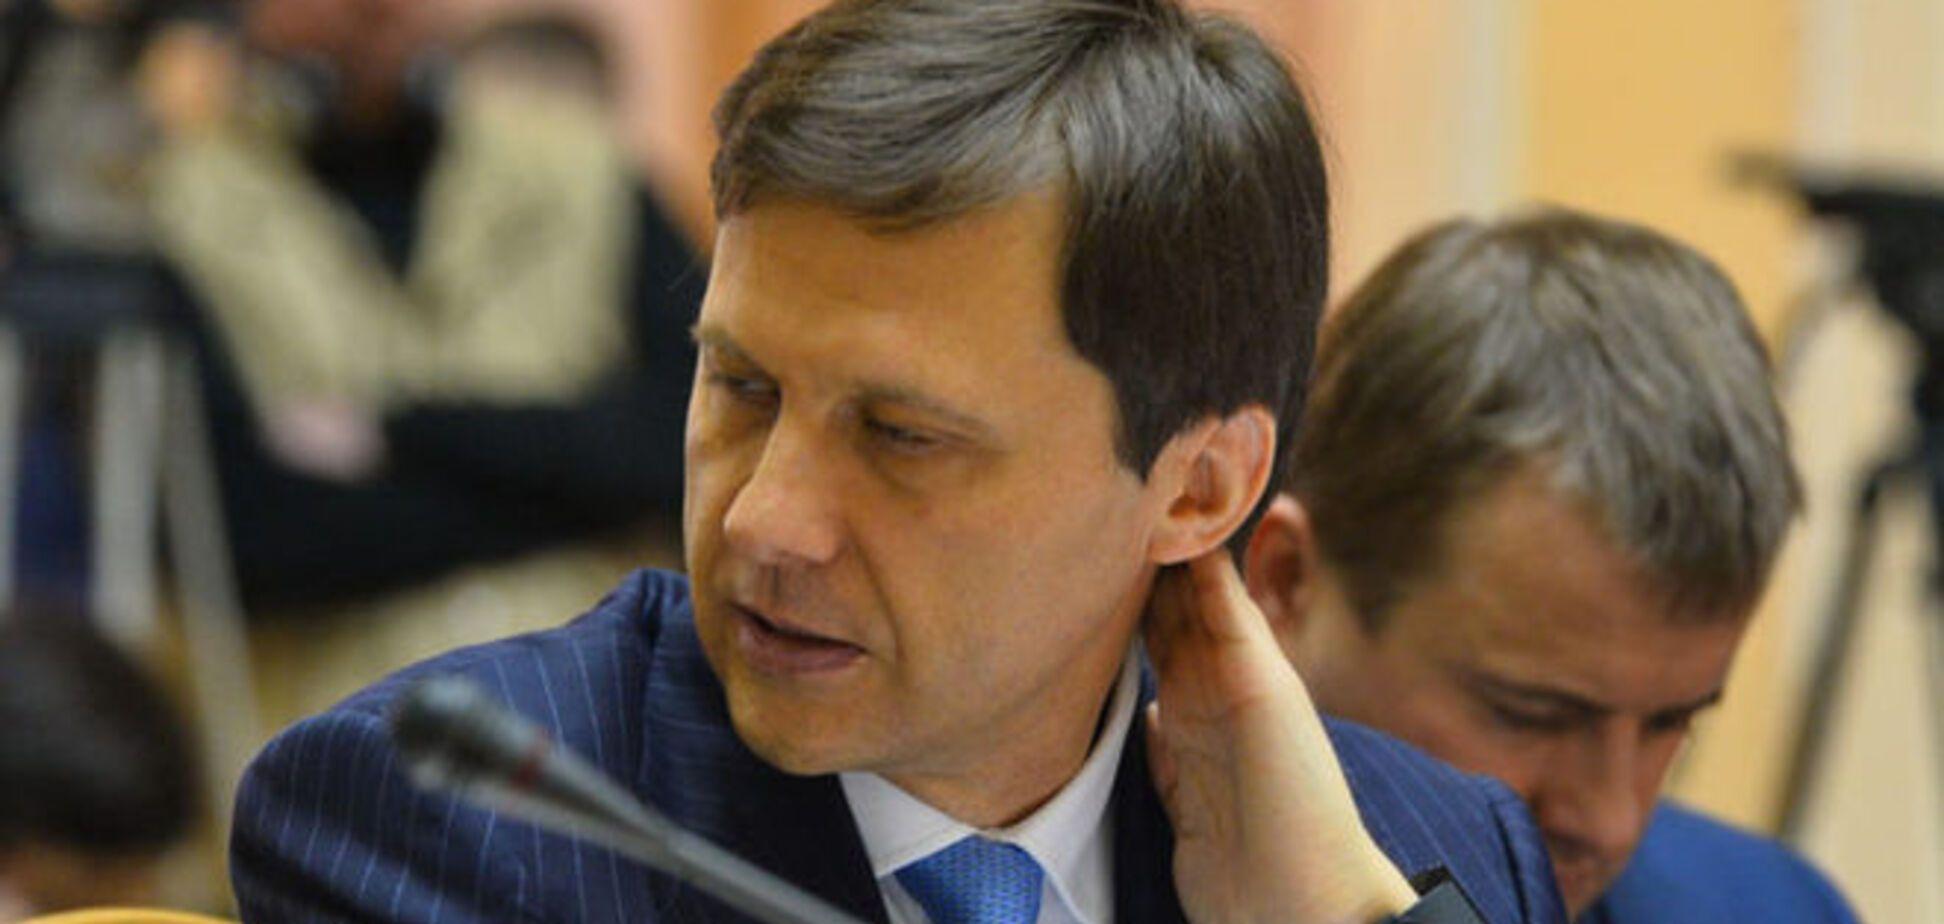 Ляшко рассказал подробности поездки министра экологии в Ниццу: все дело в Онищенко